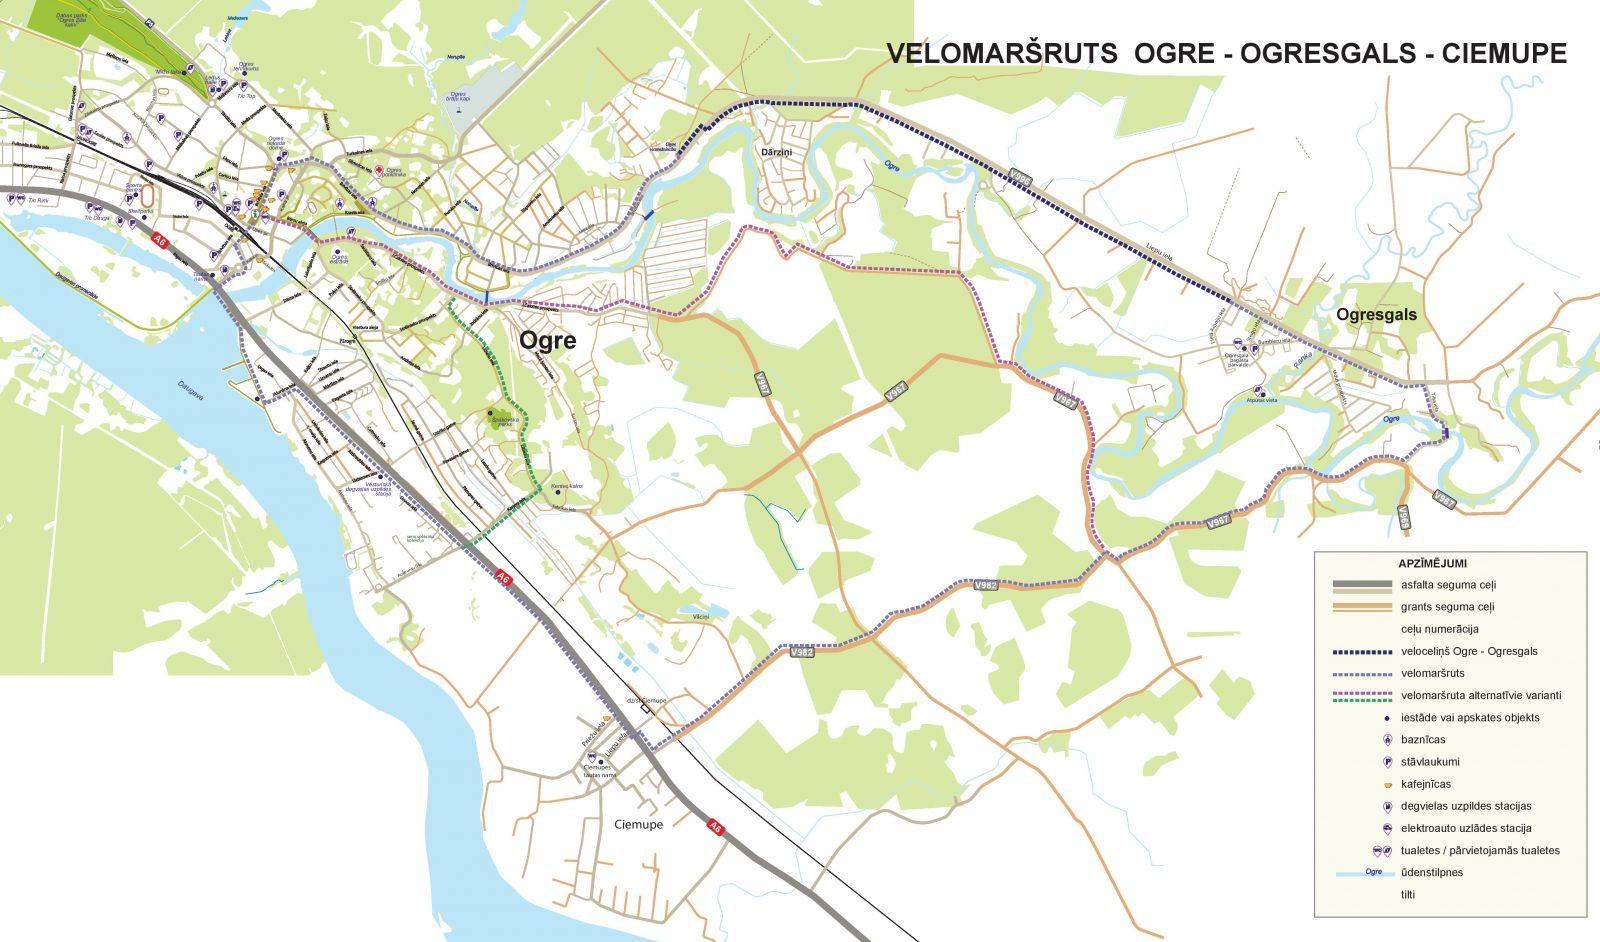 Jaunais velomaršruts Ogre-Ogresgals-Ciemupe